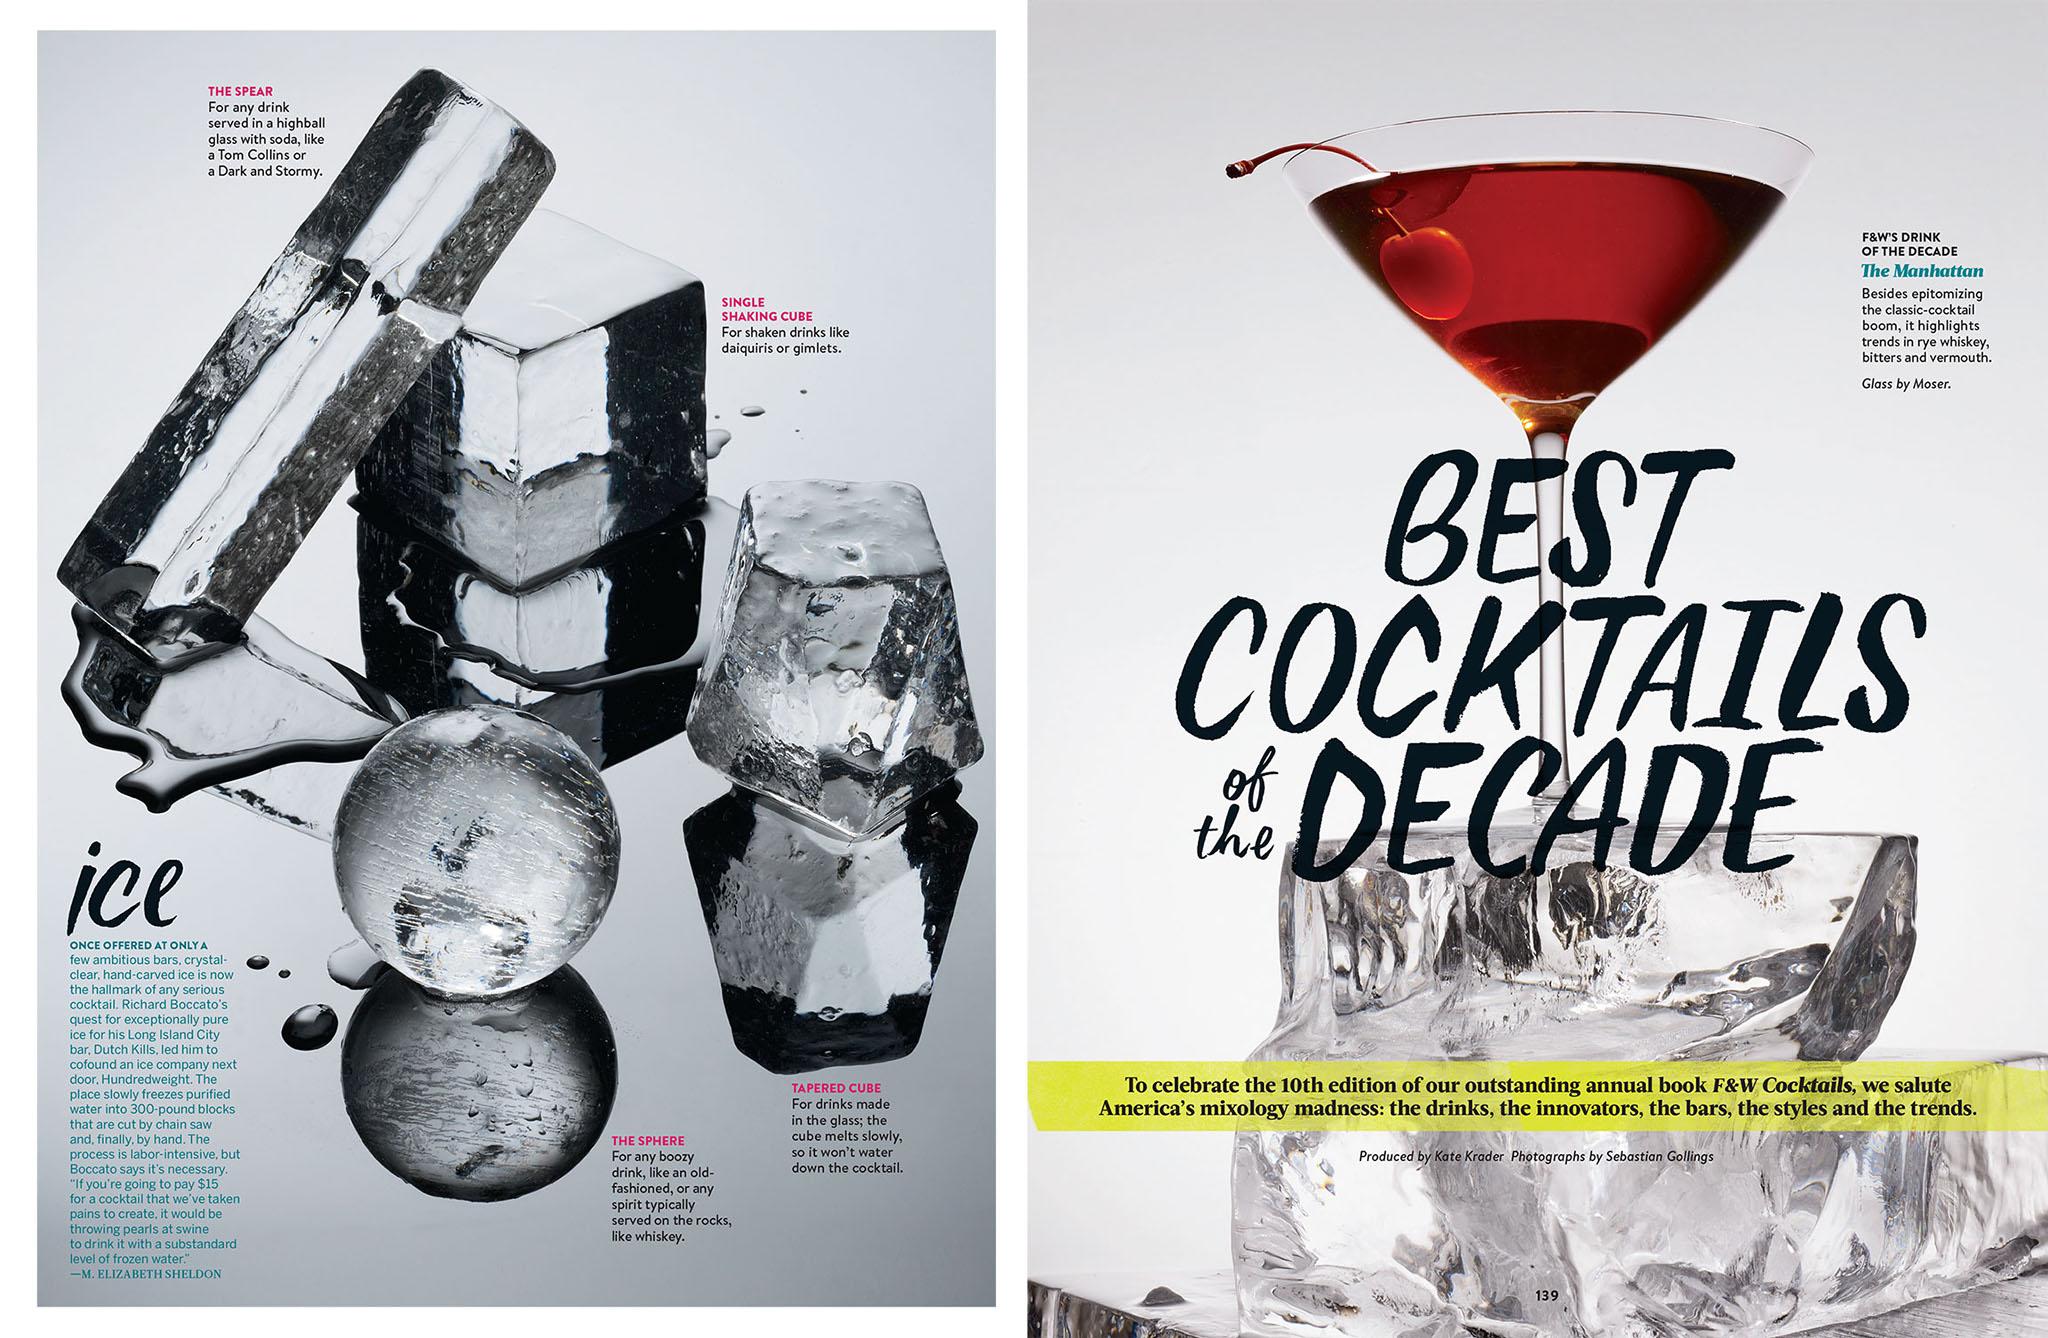 Cocktails Trends - CD